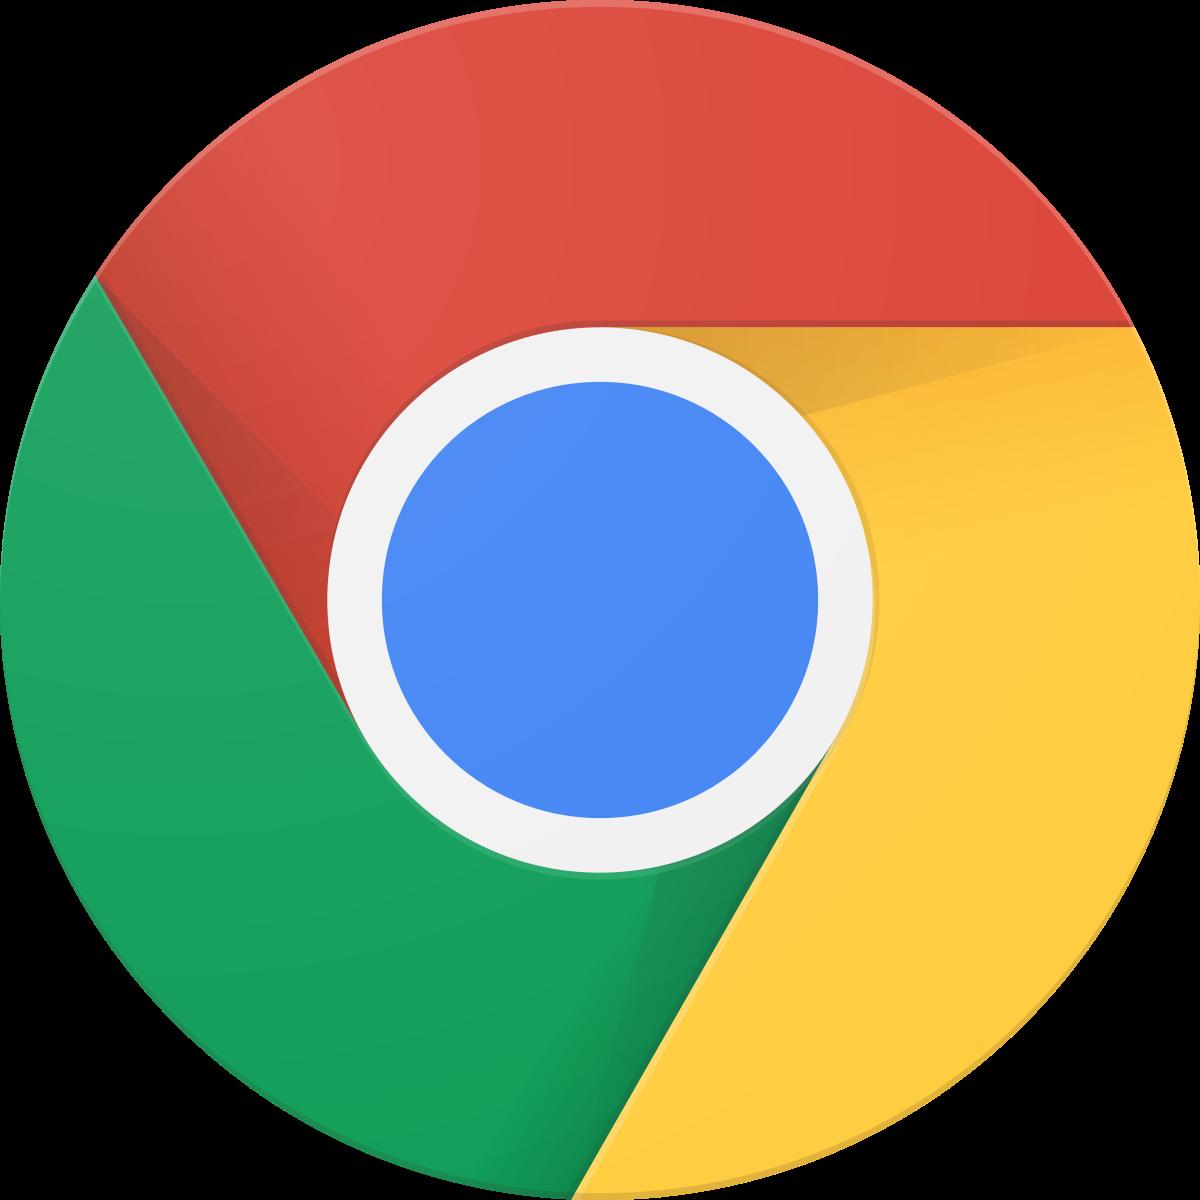 দেখেনিন Chrome ব্রাউজার এর দারুন কিছু হিডেন ফিচার। #Chrome_flags